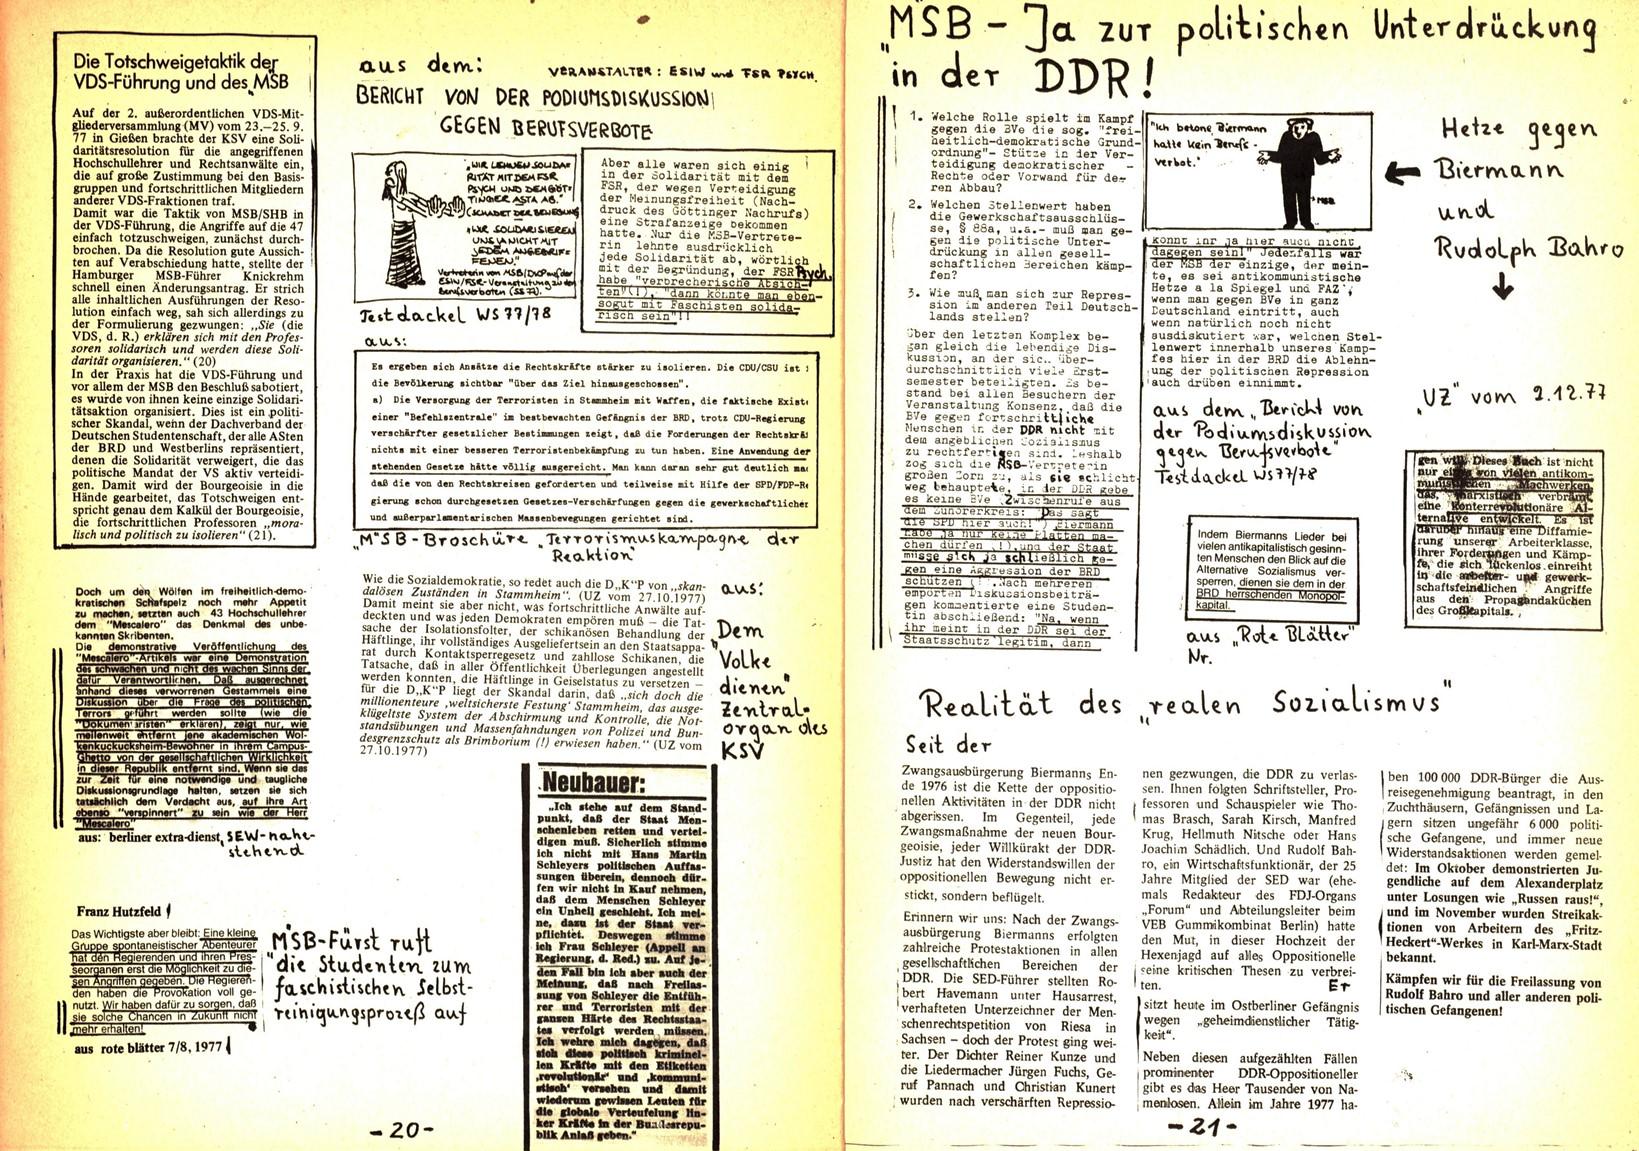 Hamburg_KSV_1978_MSB_Schwarzbuch_11